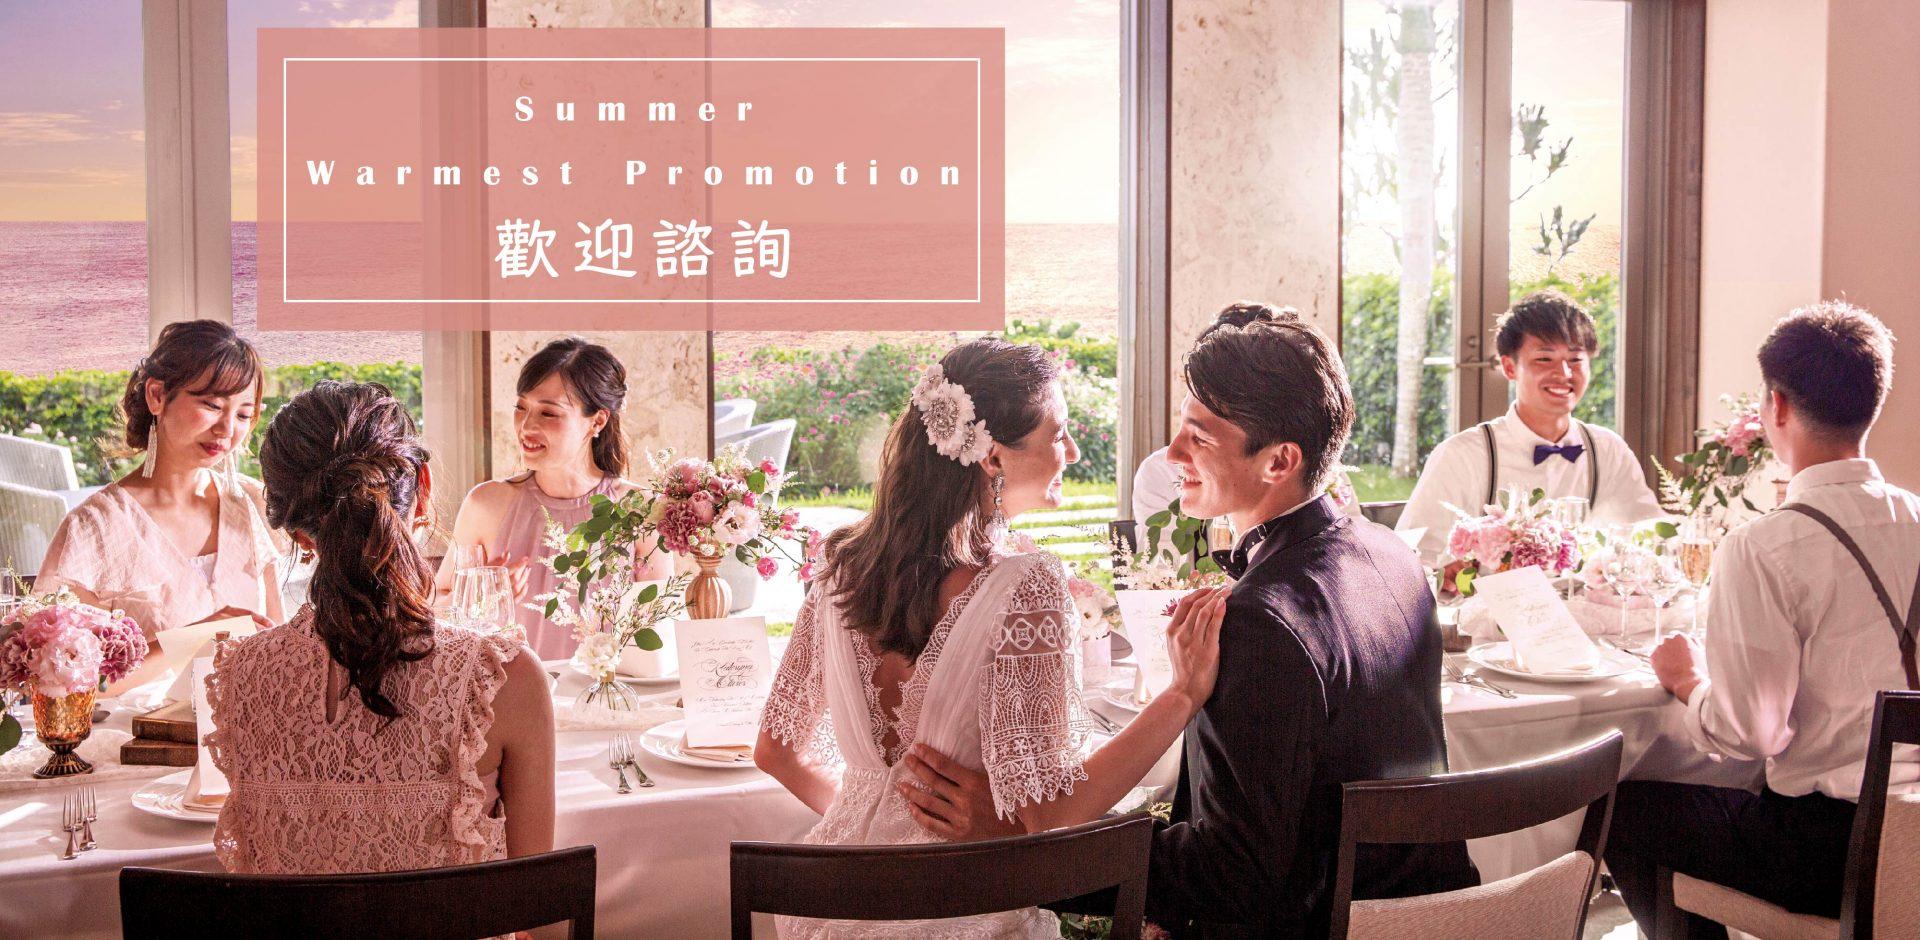 沖繩 / 輕井澤/ 峇里島夏日窩心優惠海外婚禮及婚宴套餐